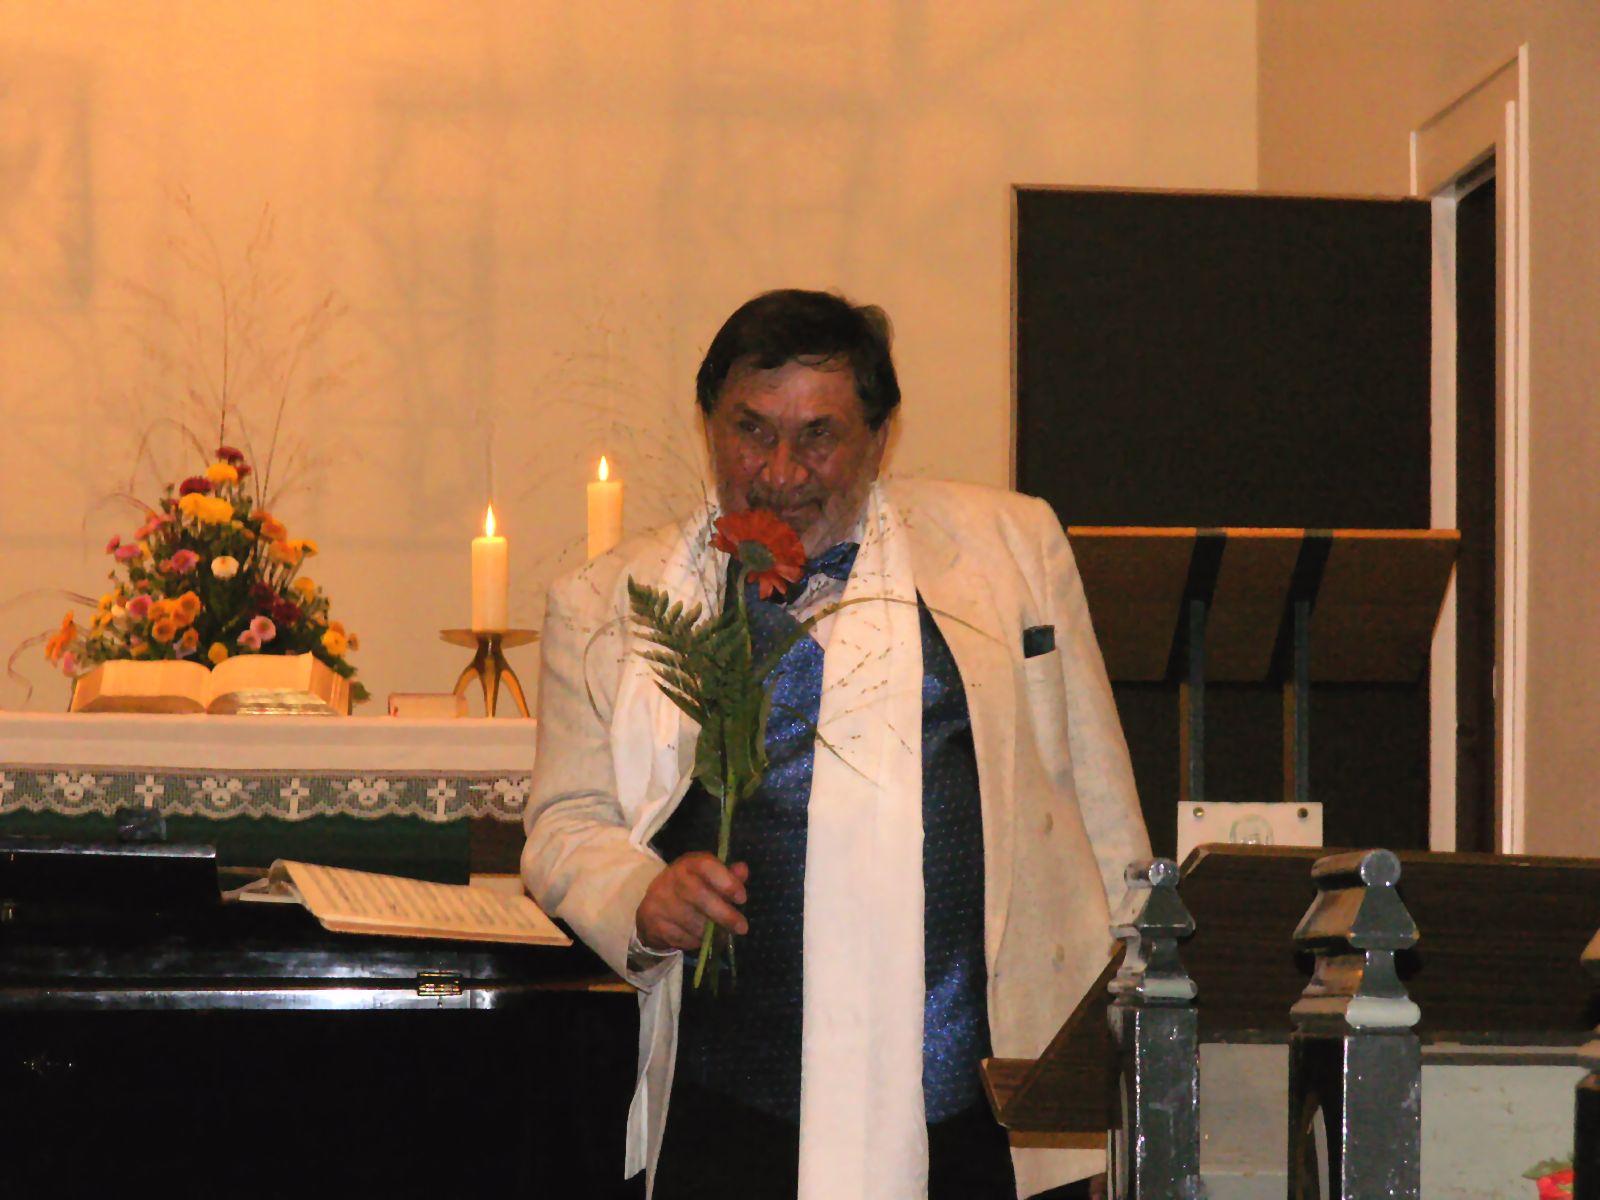 Carl Regelin